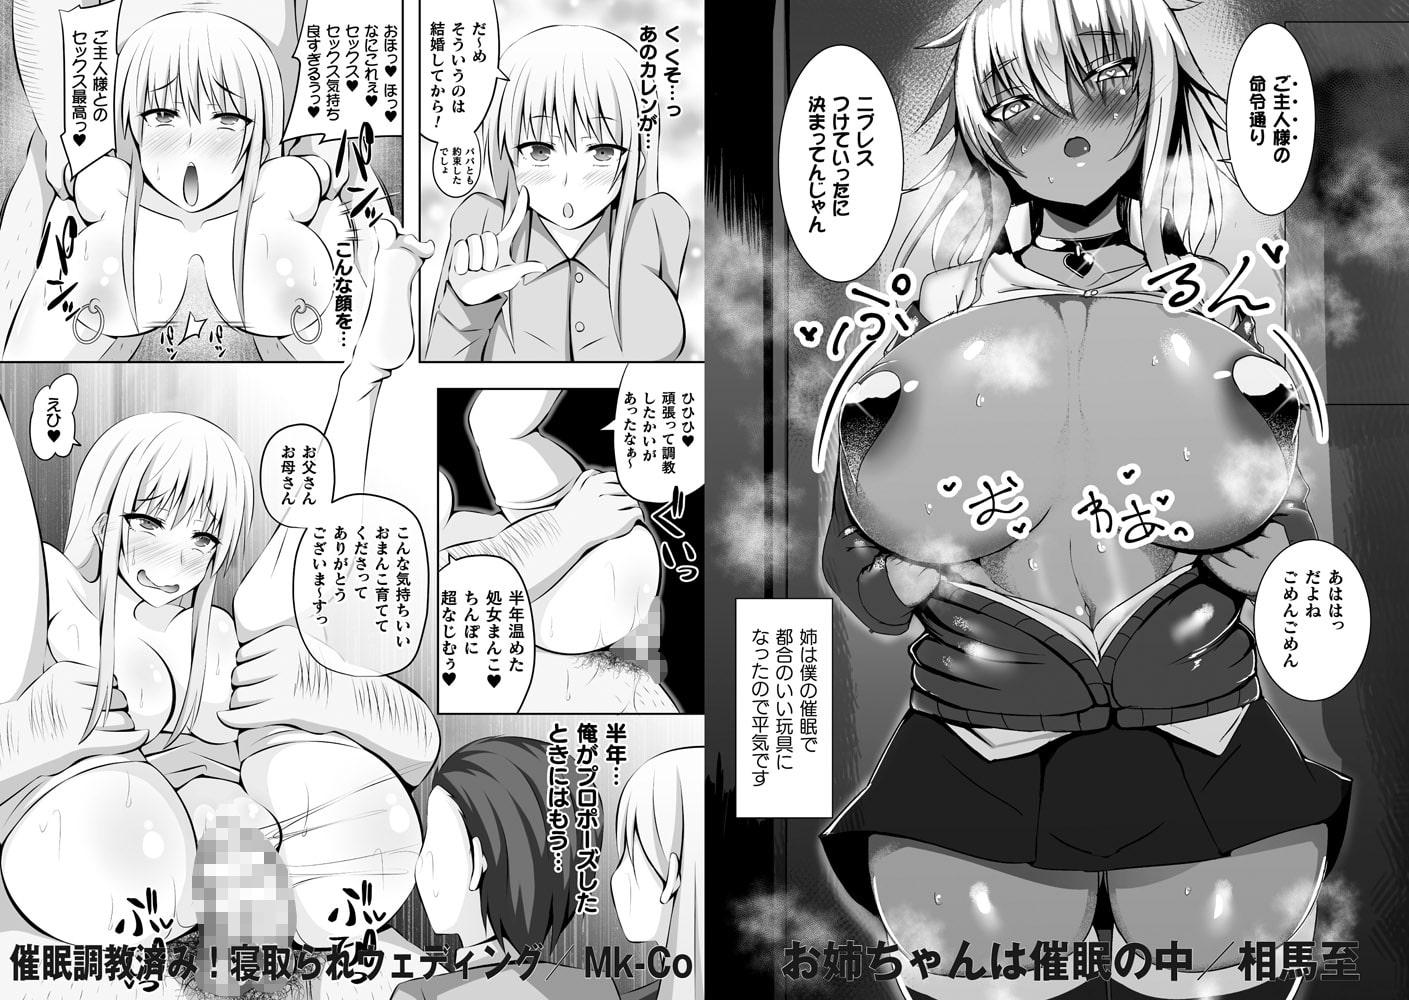 別冊コミックアンリアル 変態催眠~肉便器堕ちした美少女たち~デジタル版Vol.1